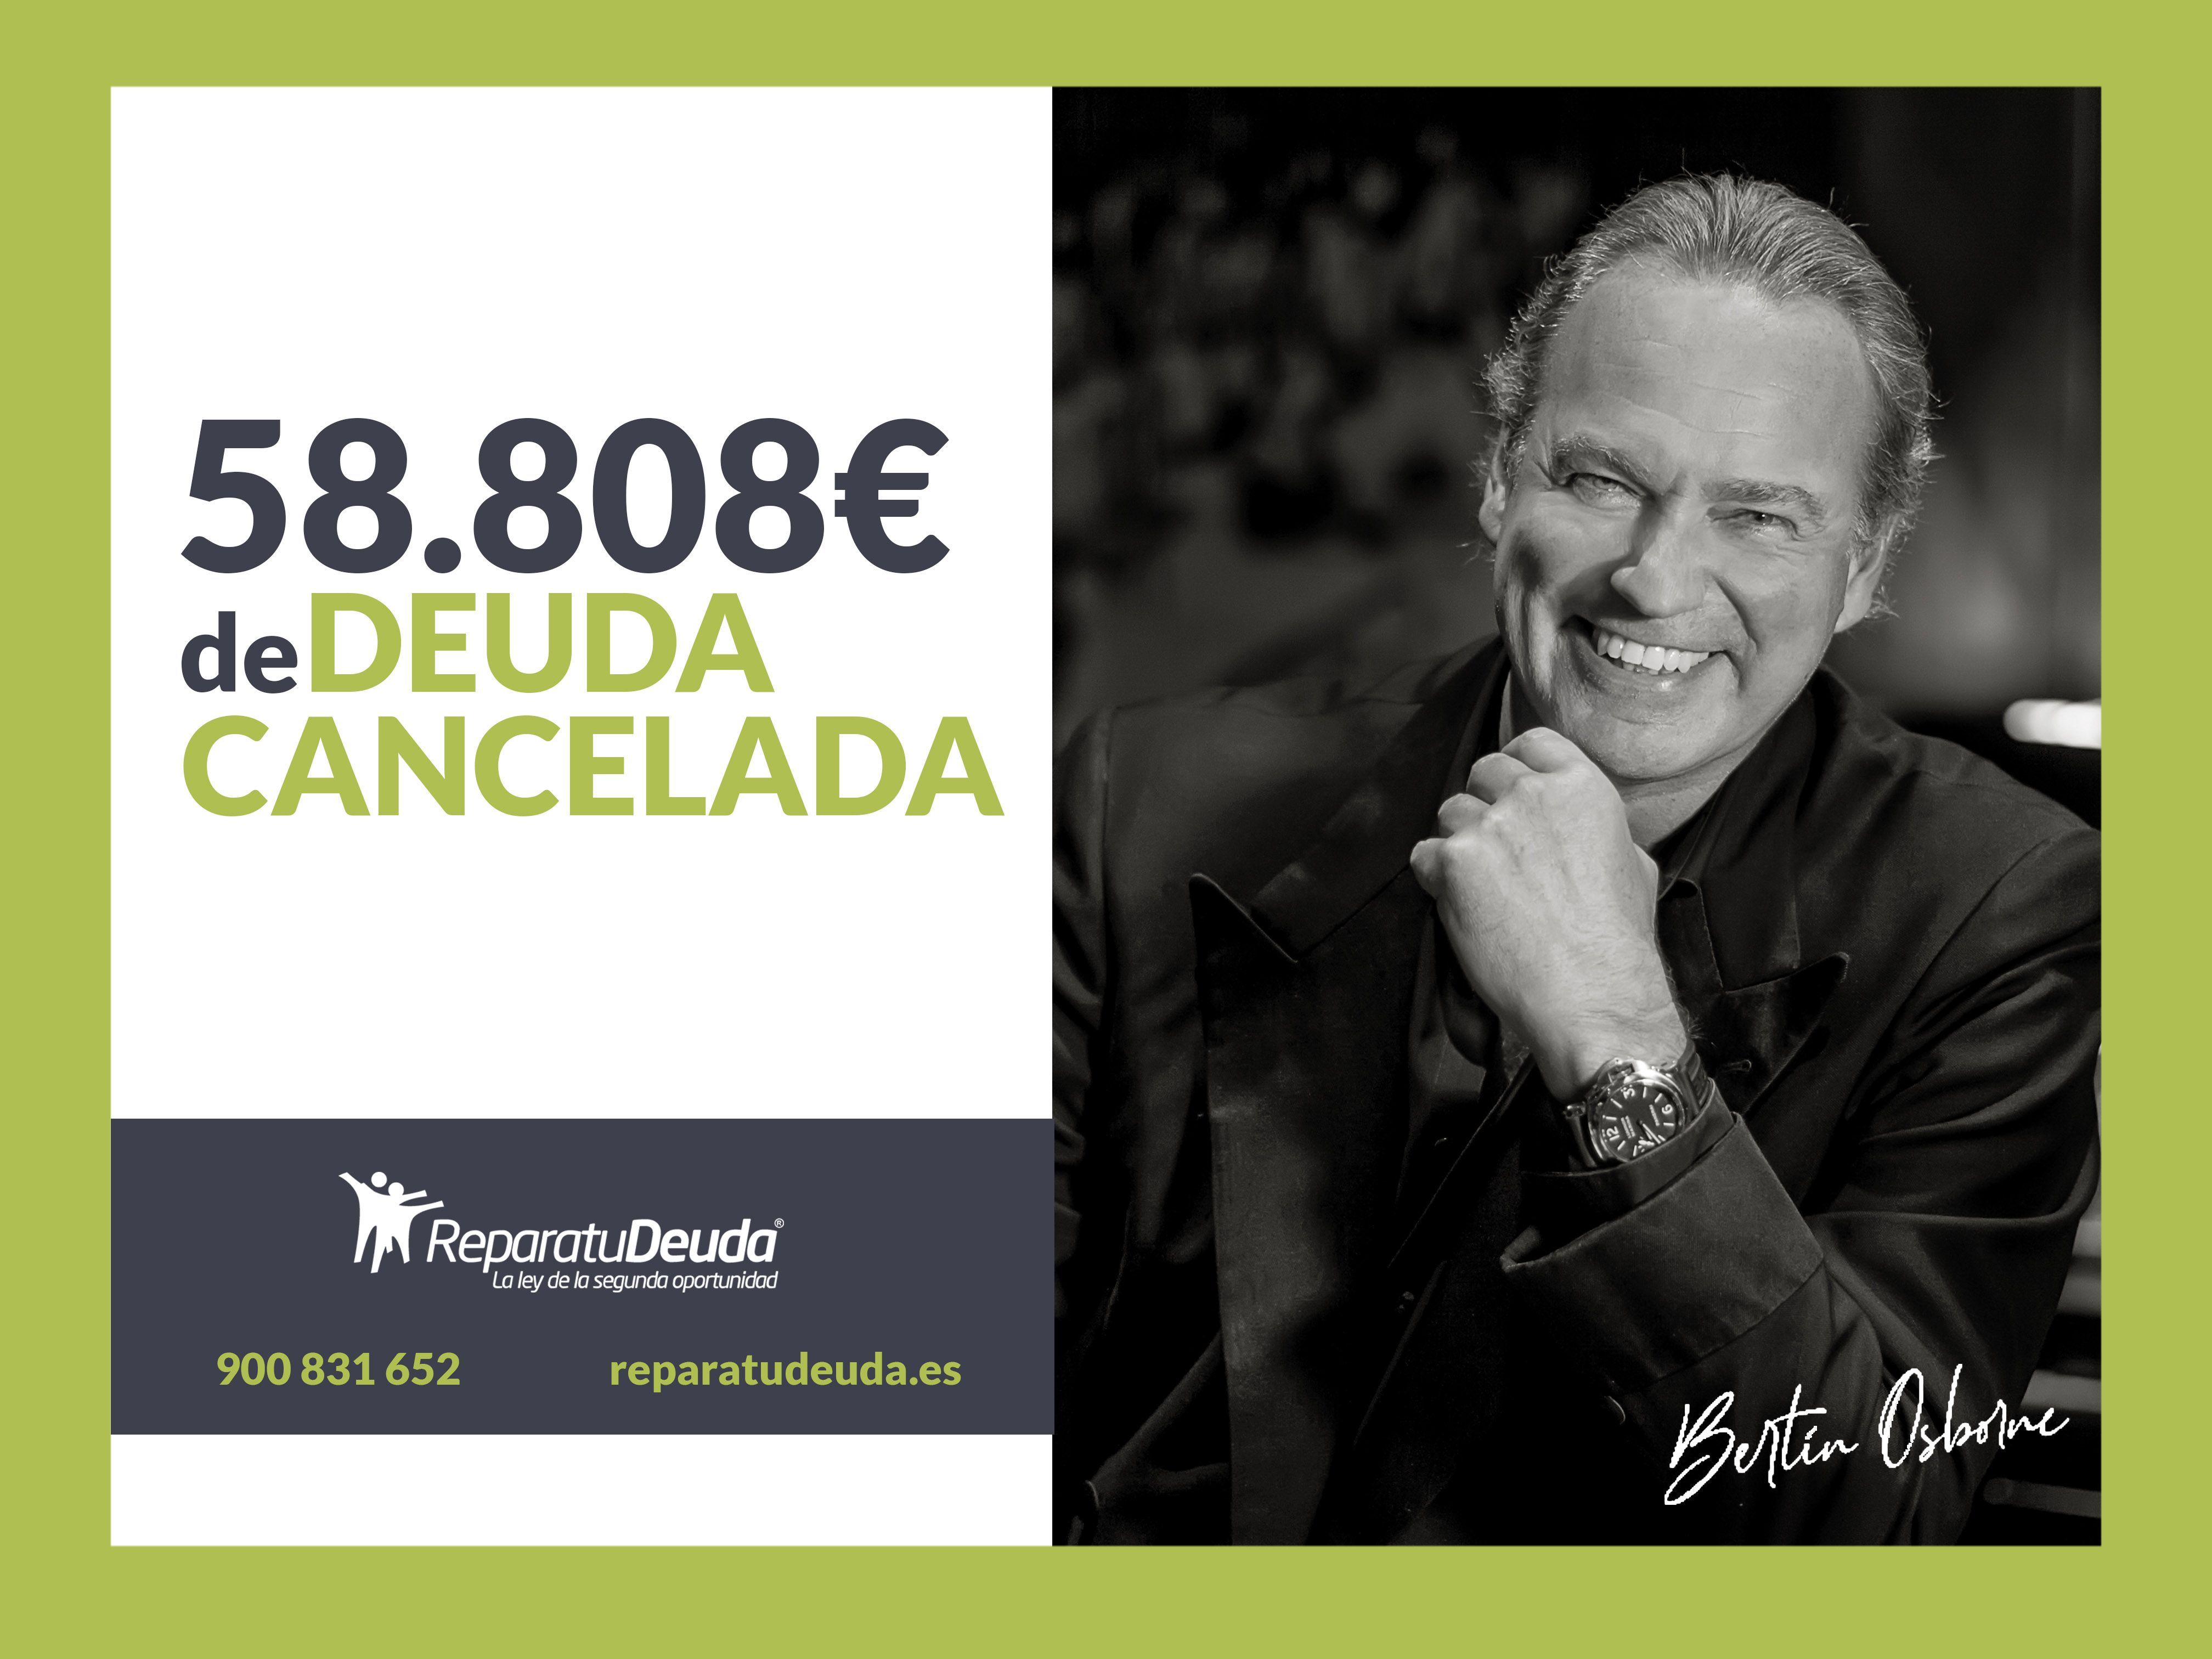 Repara tu Deuda Abogados cancela 58.808 € con 12 bancos a un vecino de Granollers (Barcelona)